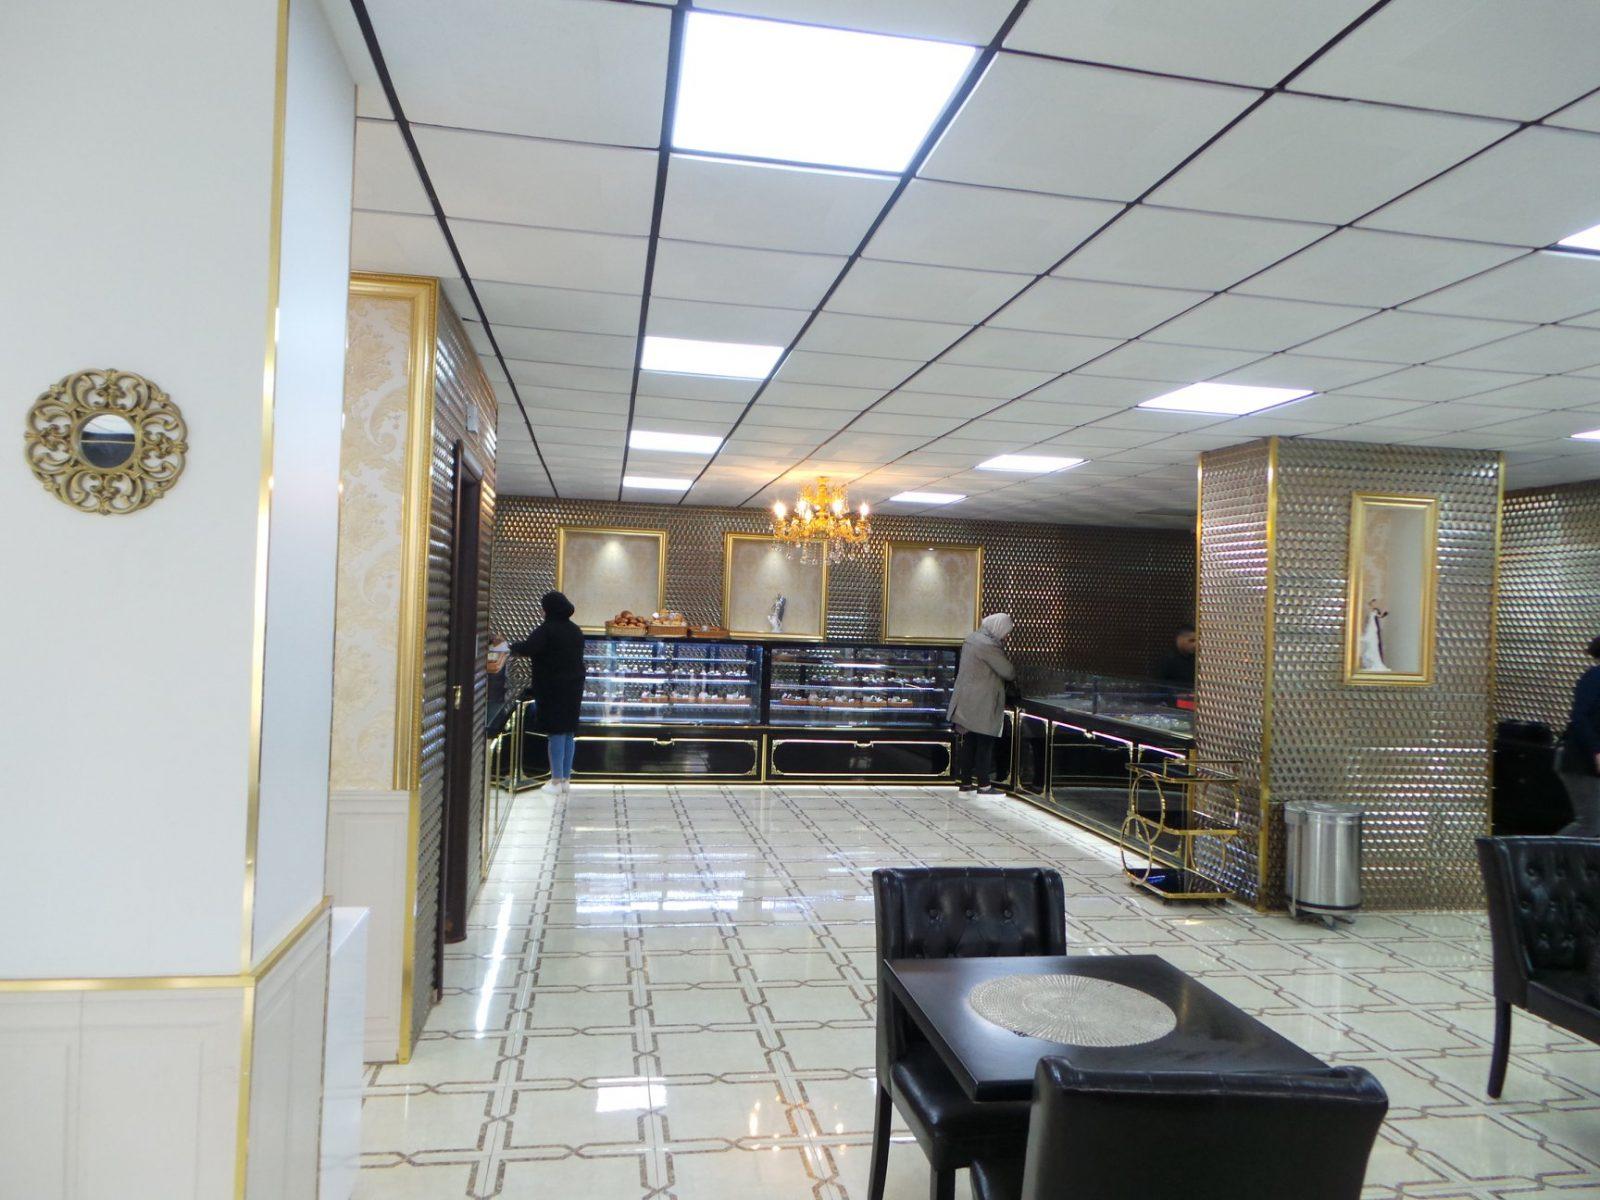 Agencement pâtisserie le carré ORAN